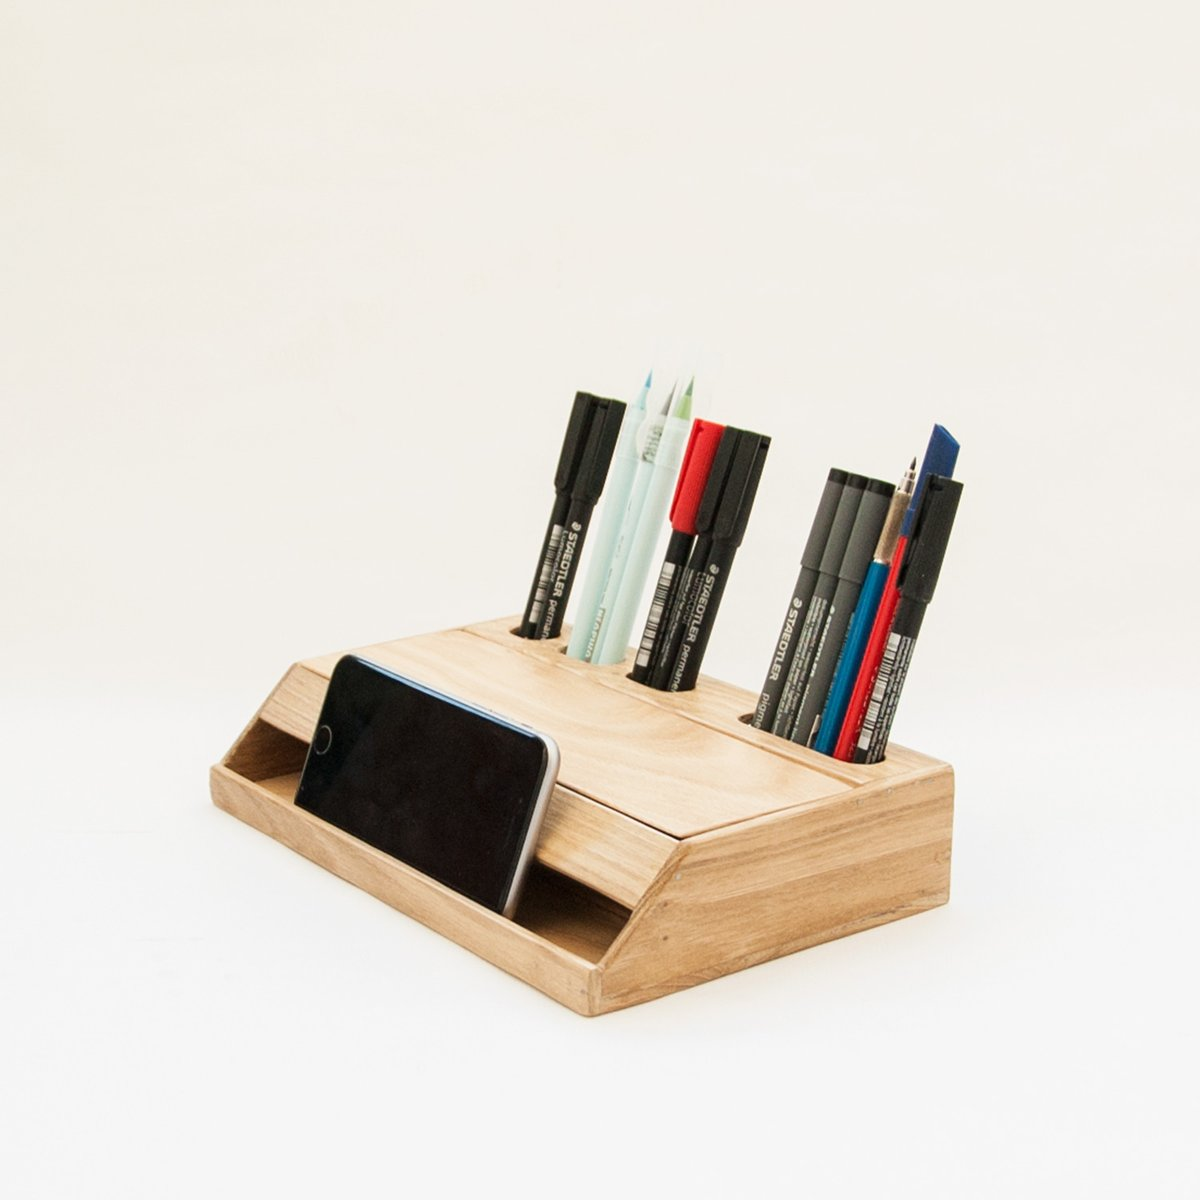 handgemachter estuche schreibtisch organizer und smartphone halter aus holz von rafael fern ndez. Black Bedroom Furniture Sets. Home Design Ideas